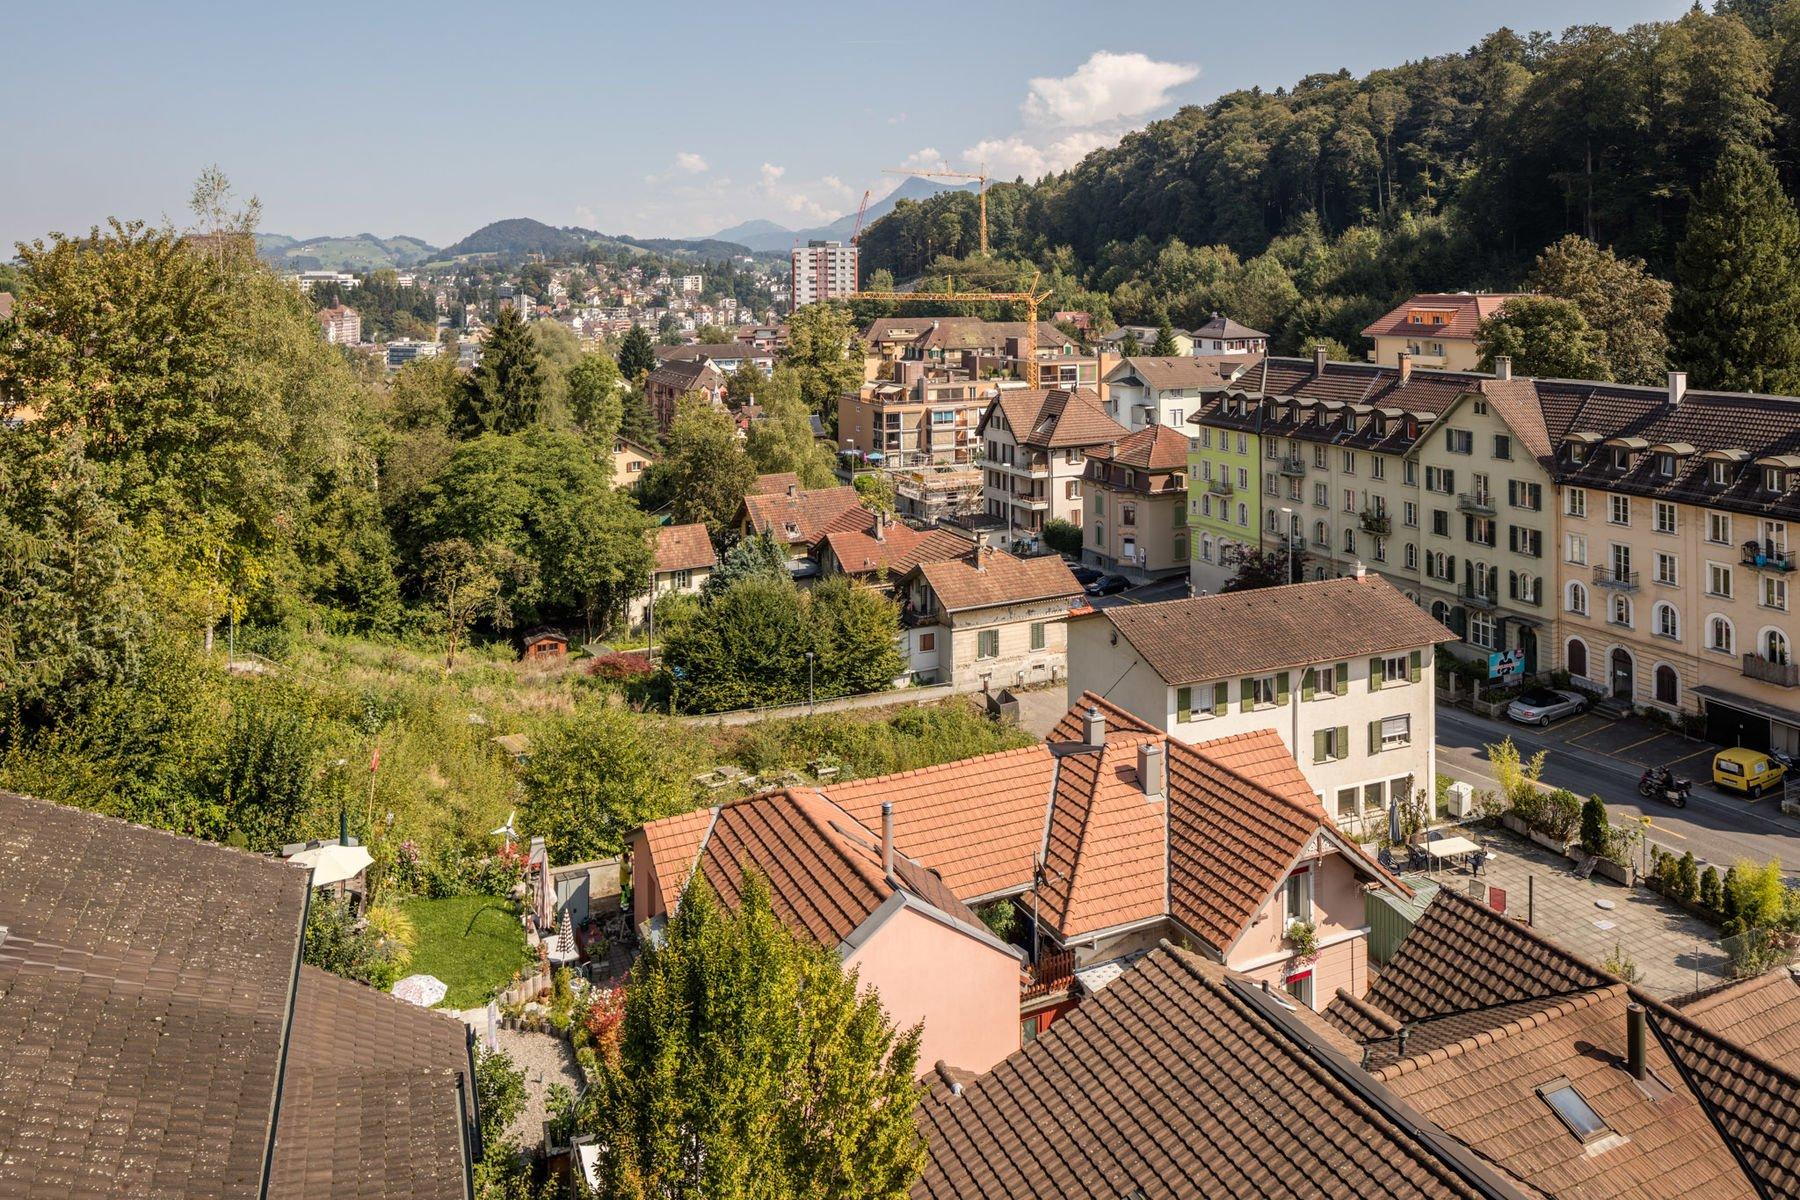 Die bestehende Siedlung an der oberen Bernstrasse im Überblick.